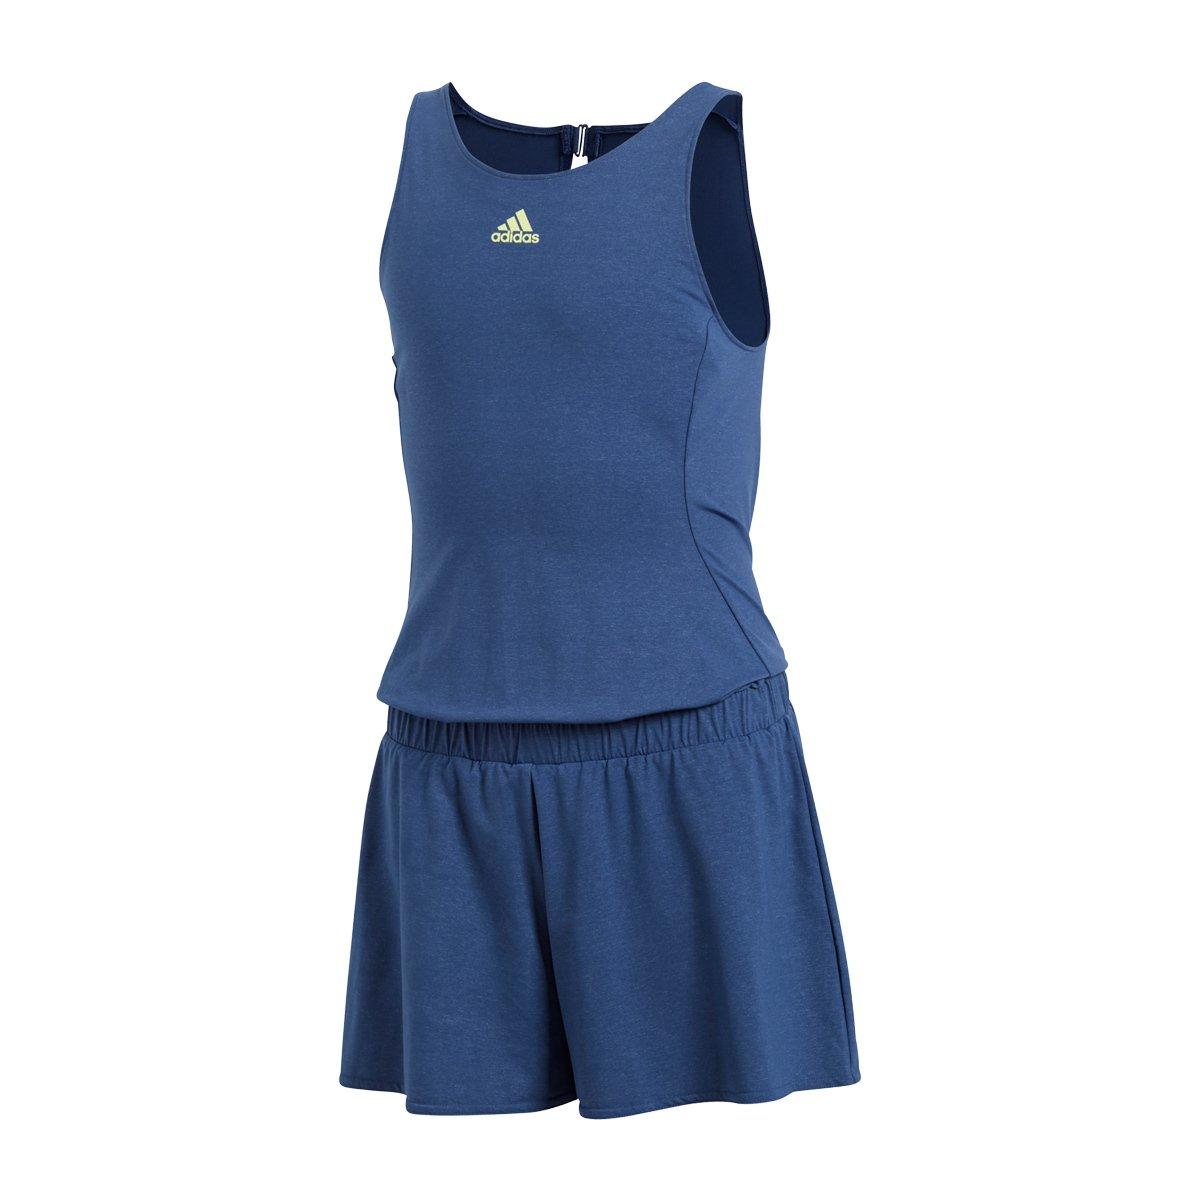 AdidasL Junior Jumpsuit